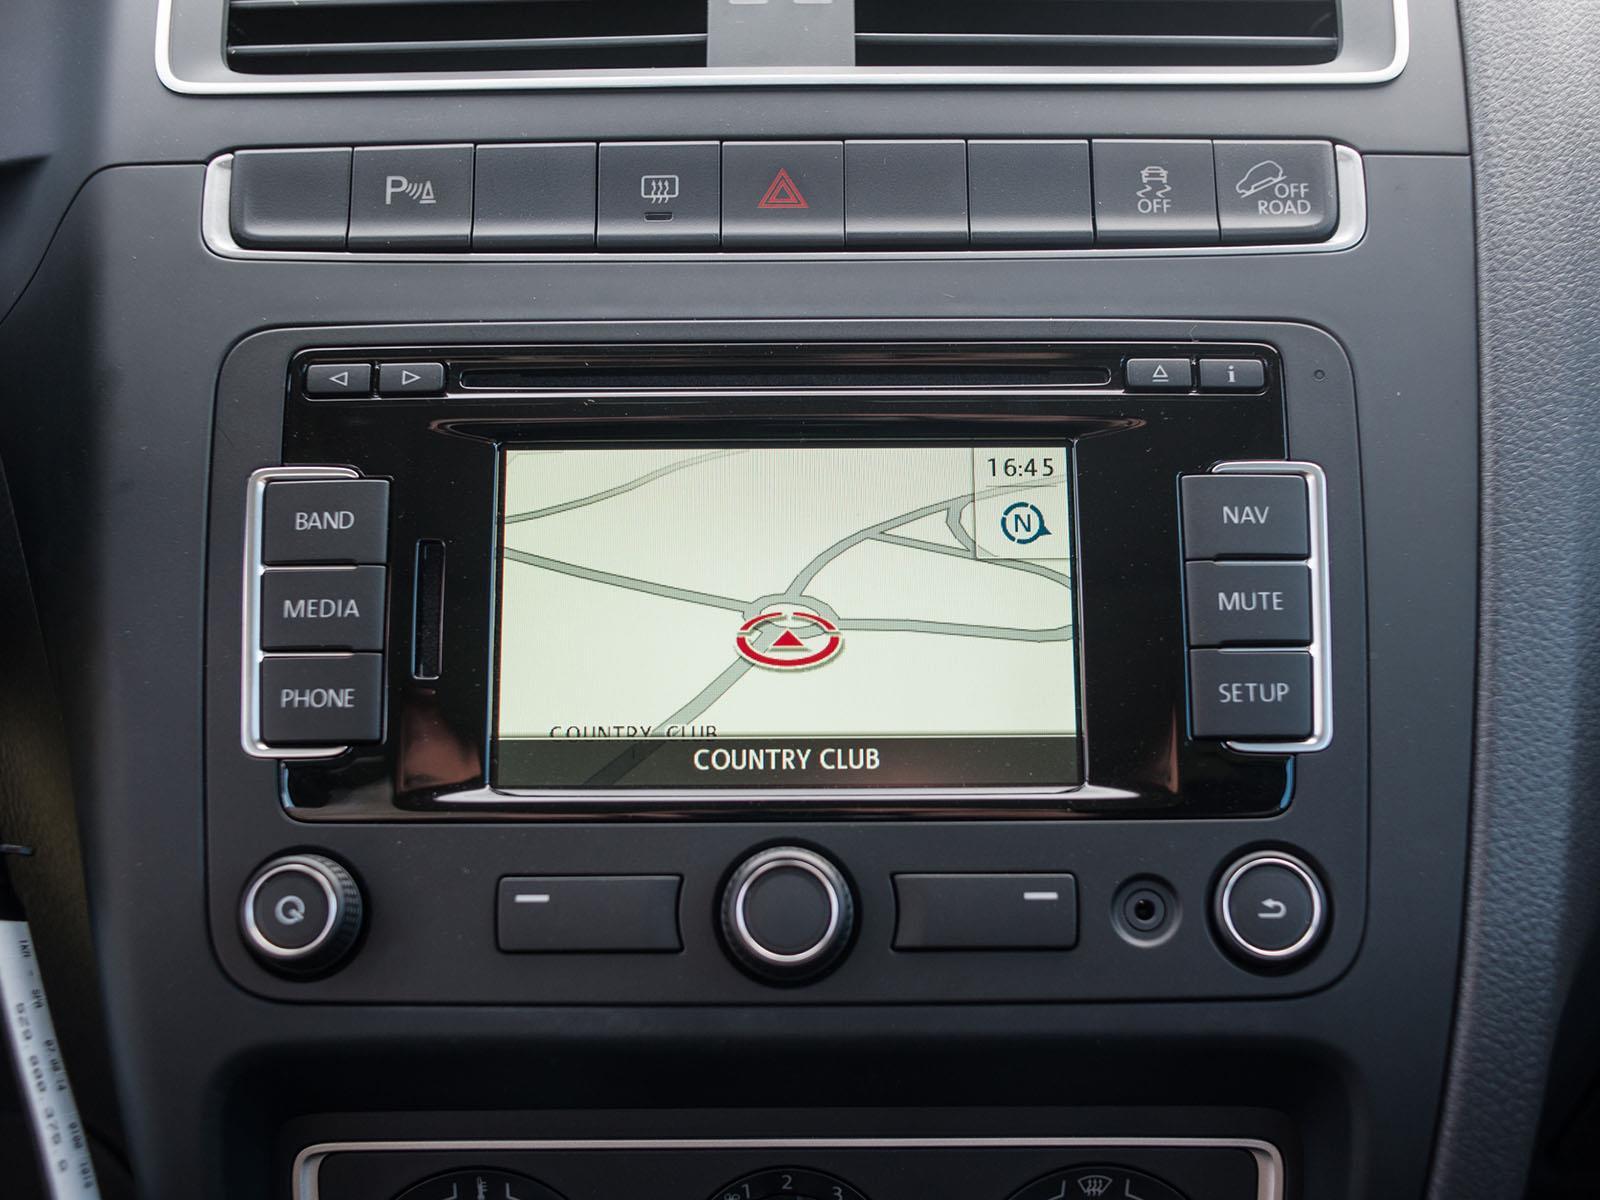 VW Suran y Suran Cross se renuevan - Autocosmos.com